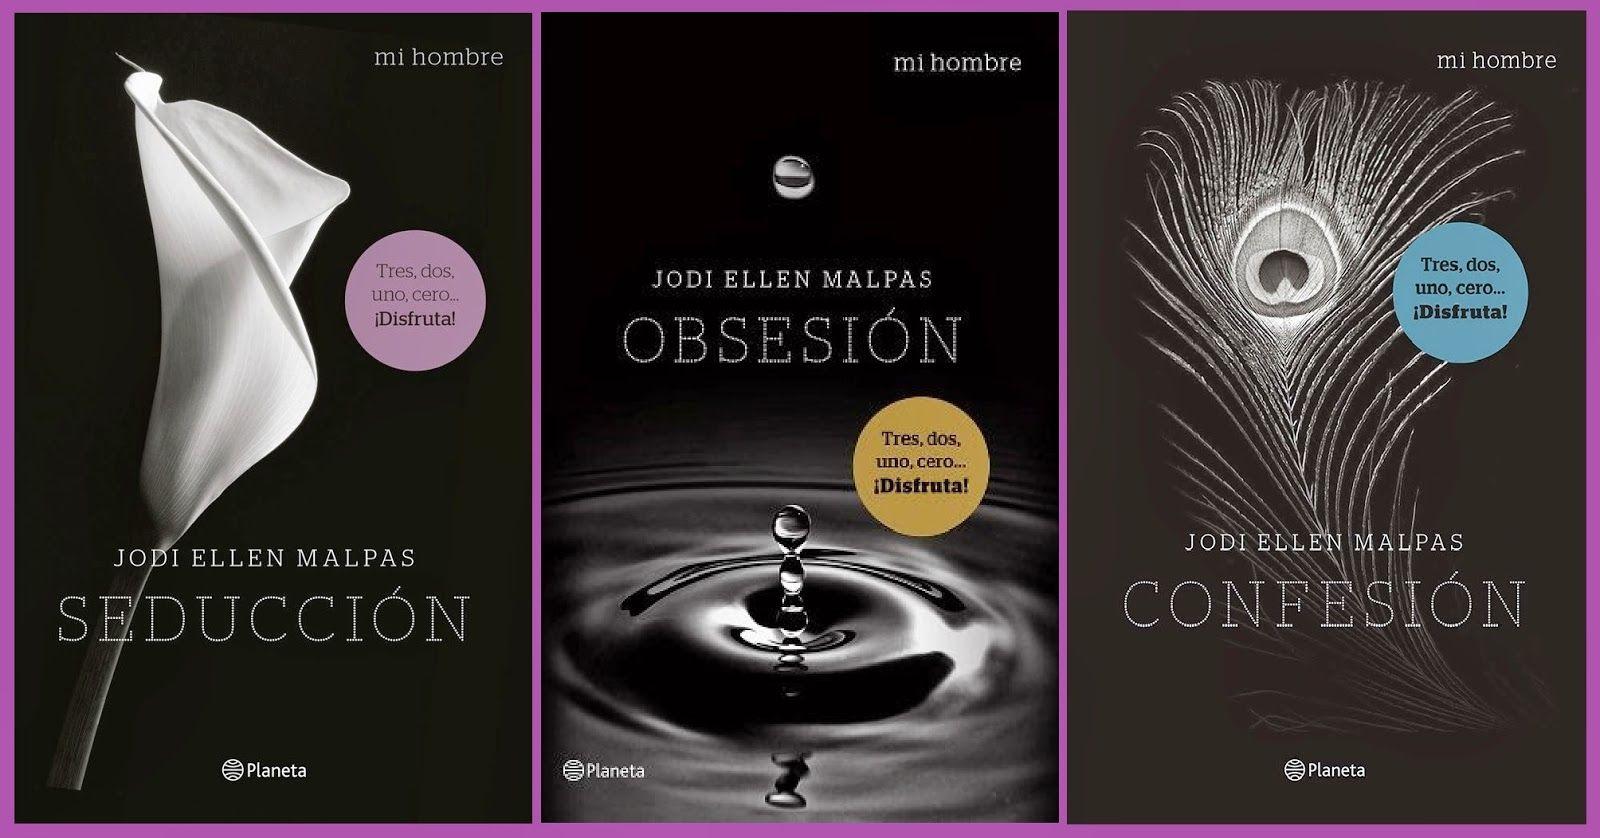 Bookceando Entre Letras: TRILOGÍA MI HOMBRE - JODI ELLEN MALPAS